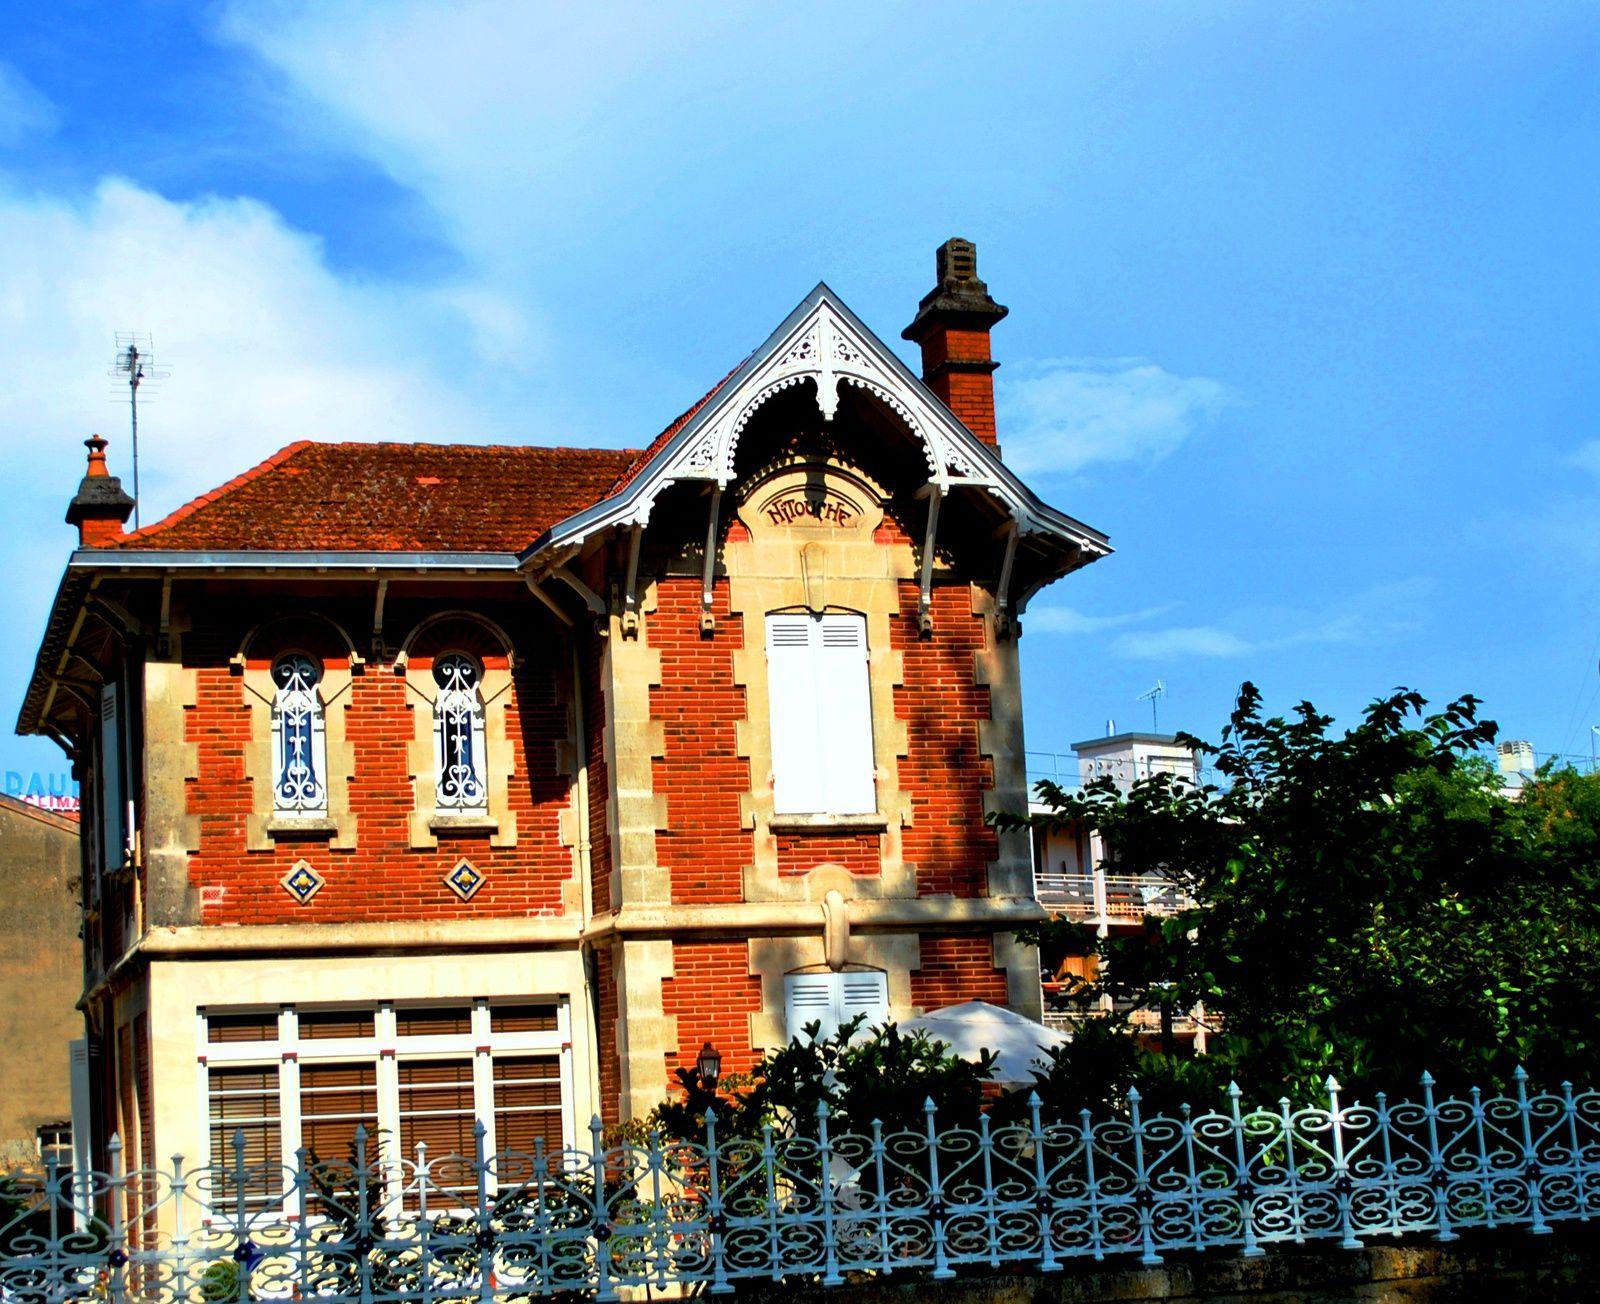 L'architecture des belles maisons de la ville d'Arcachon donne envie d'être propriétaire arcachonnais.